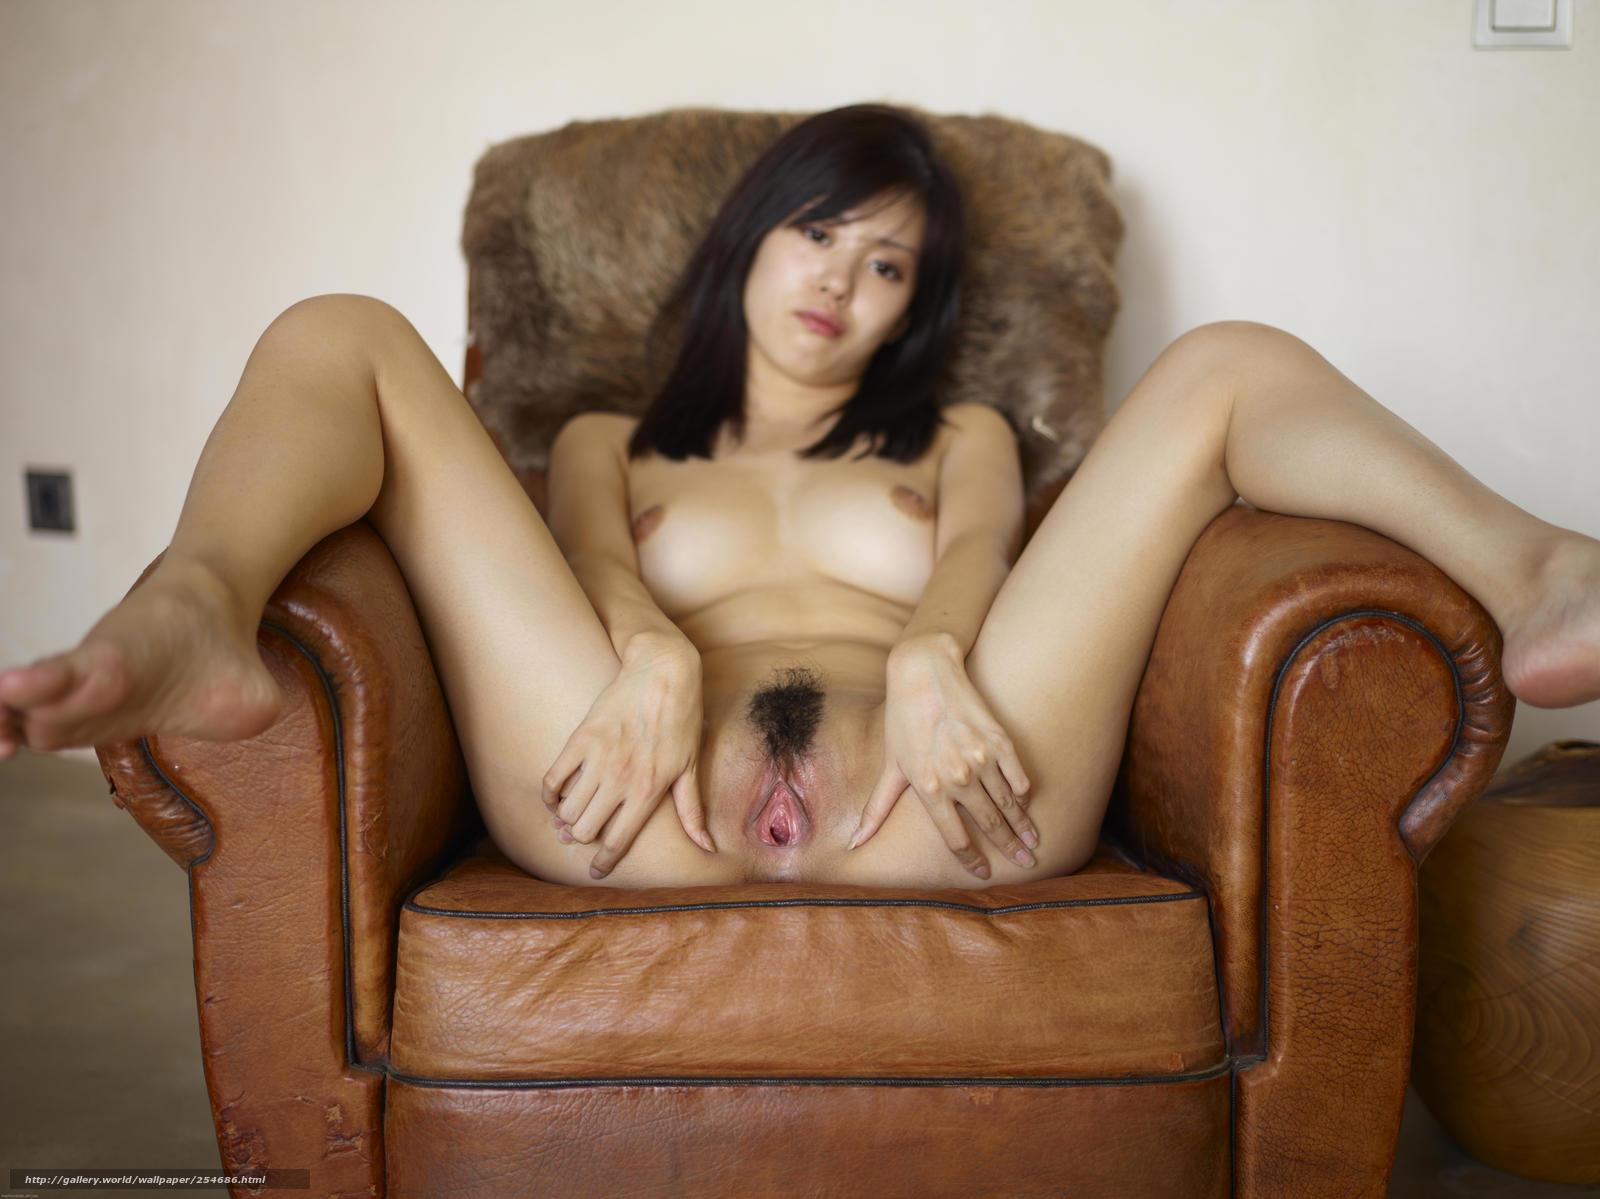 Фото девушки восточная эротика 25 фотография